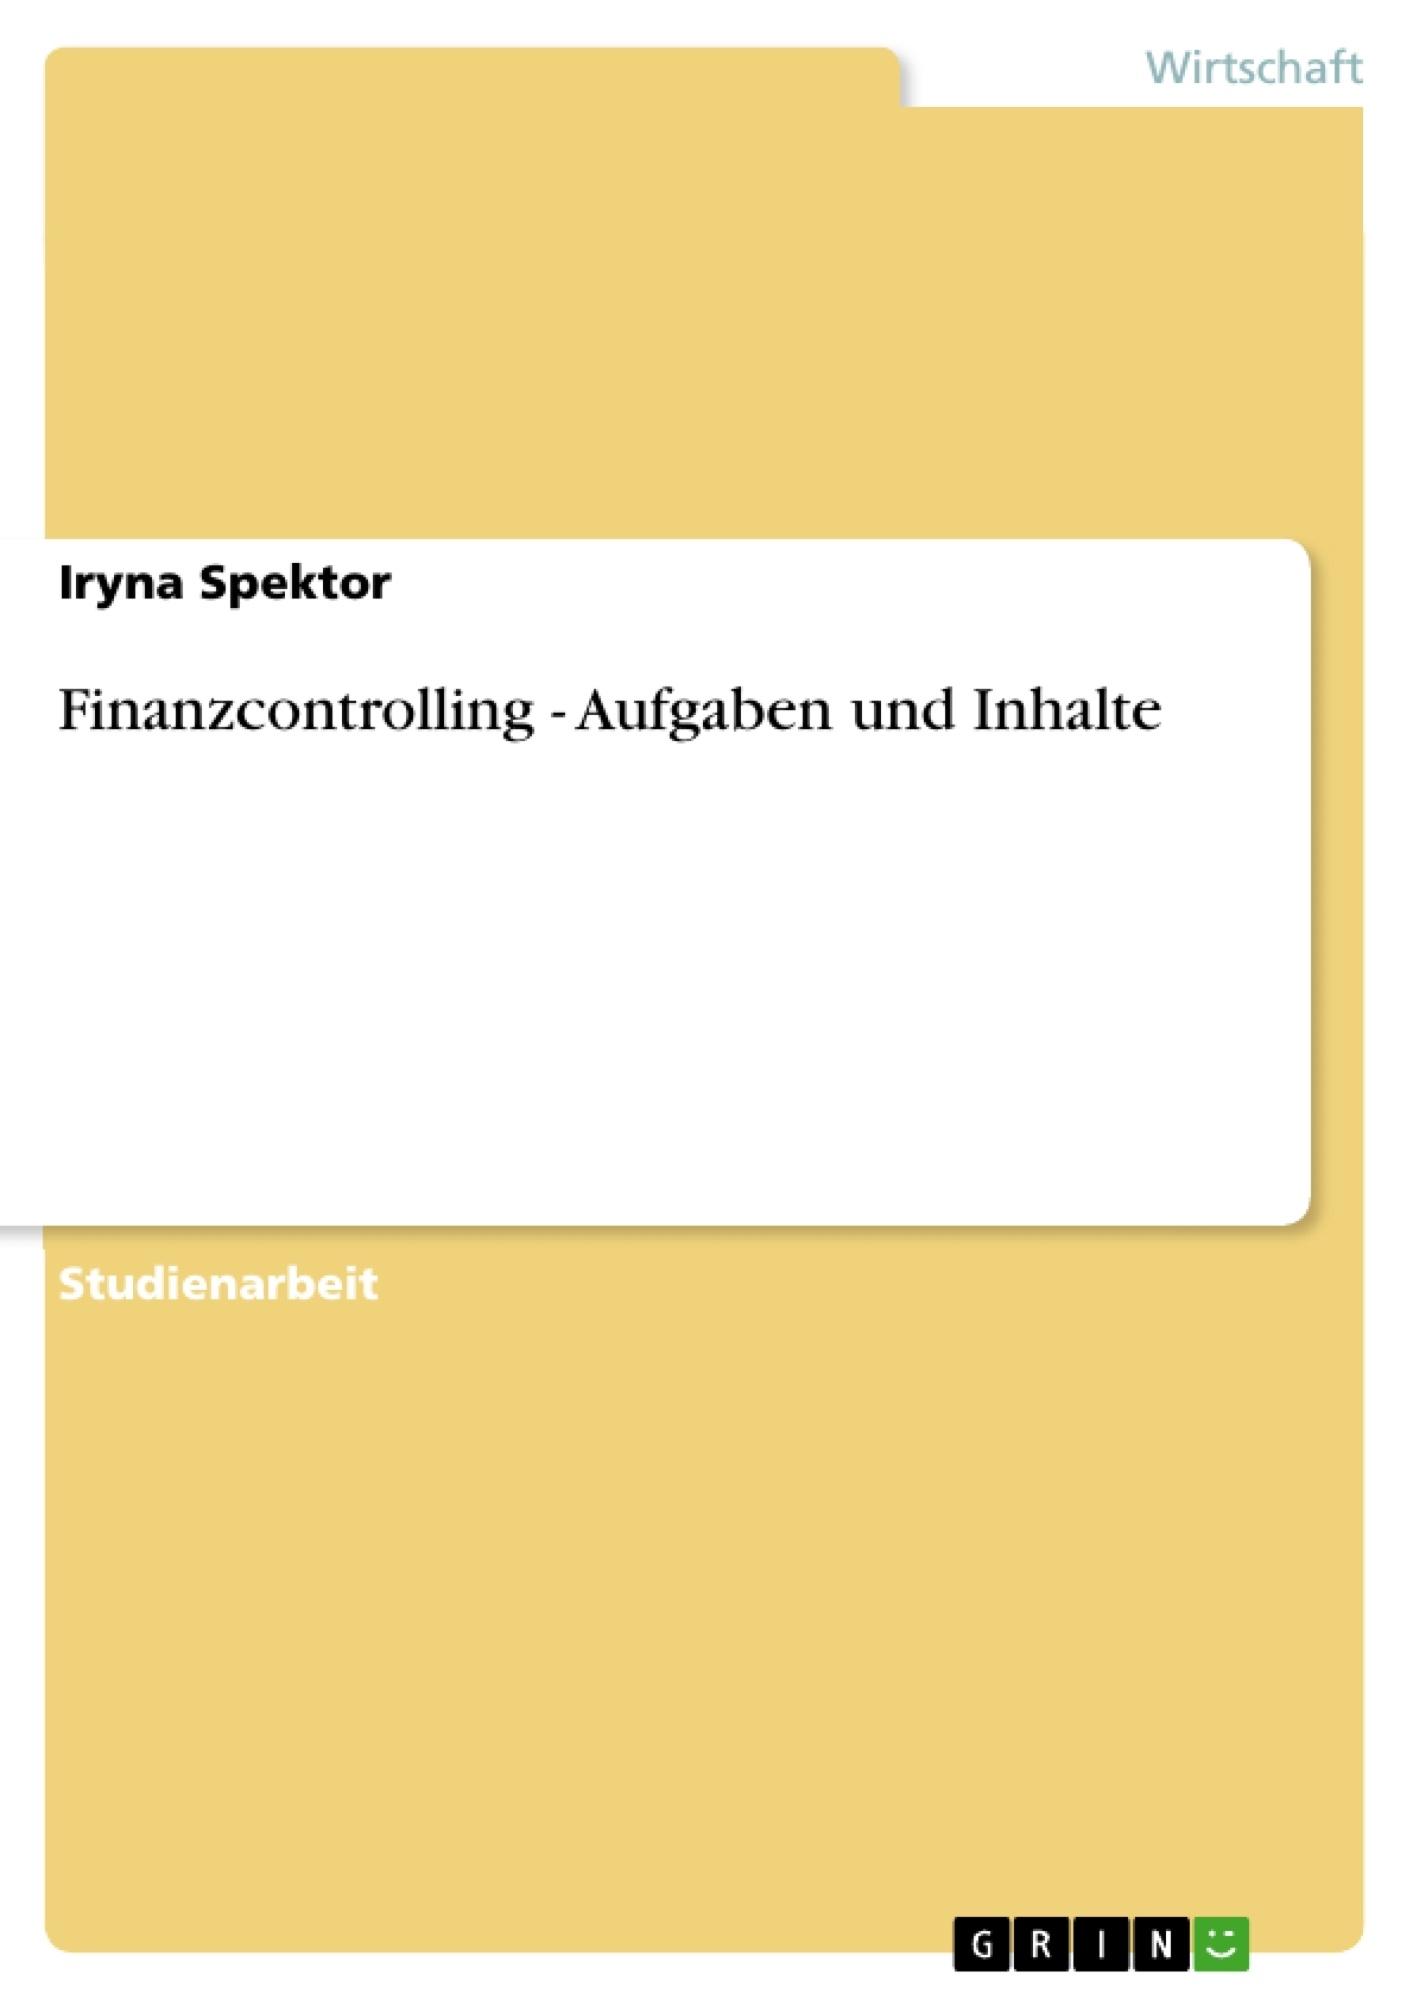 Titel: Finanzcontrolling - Aufgaben und Inhalte